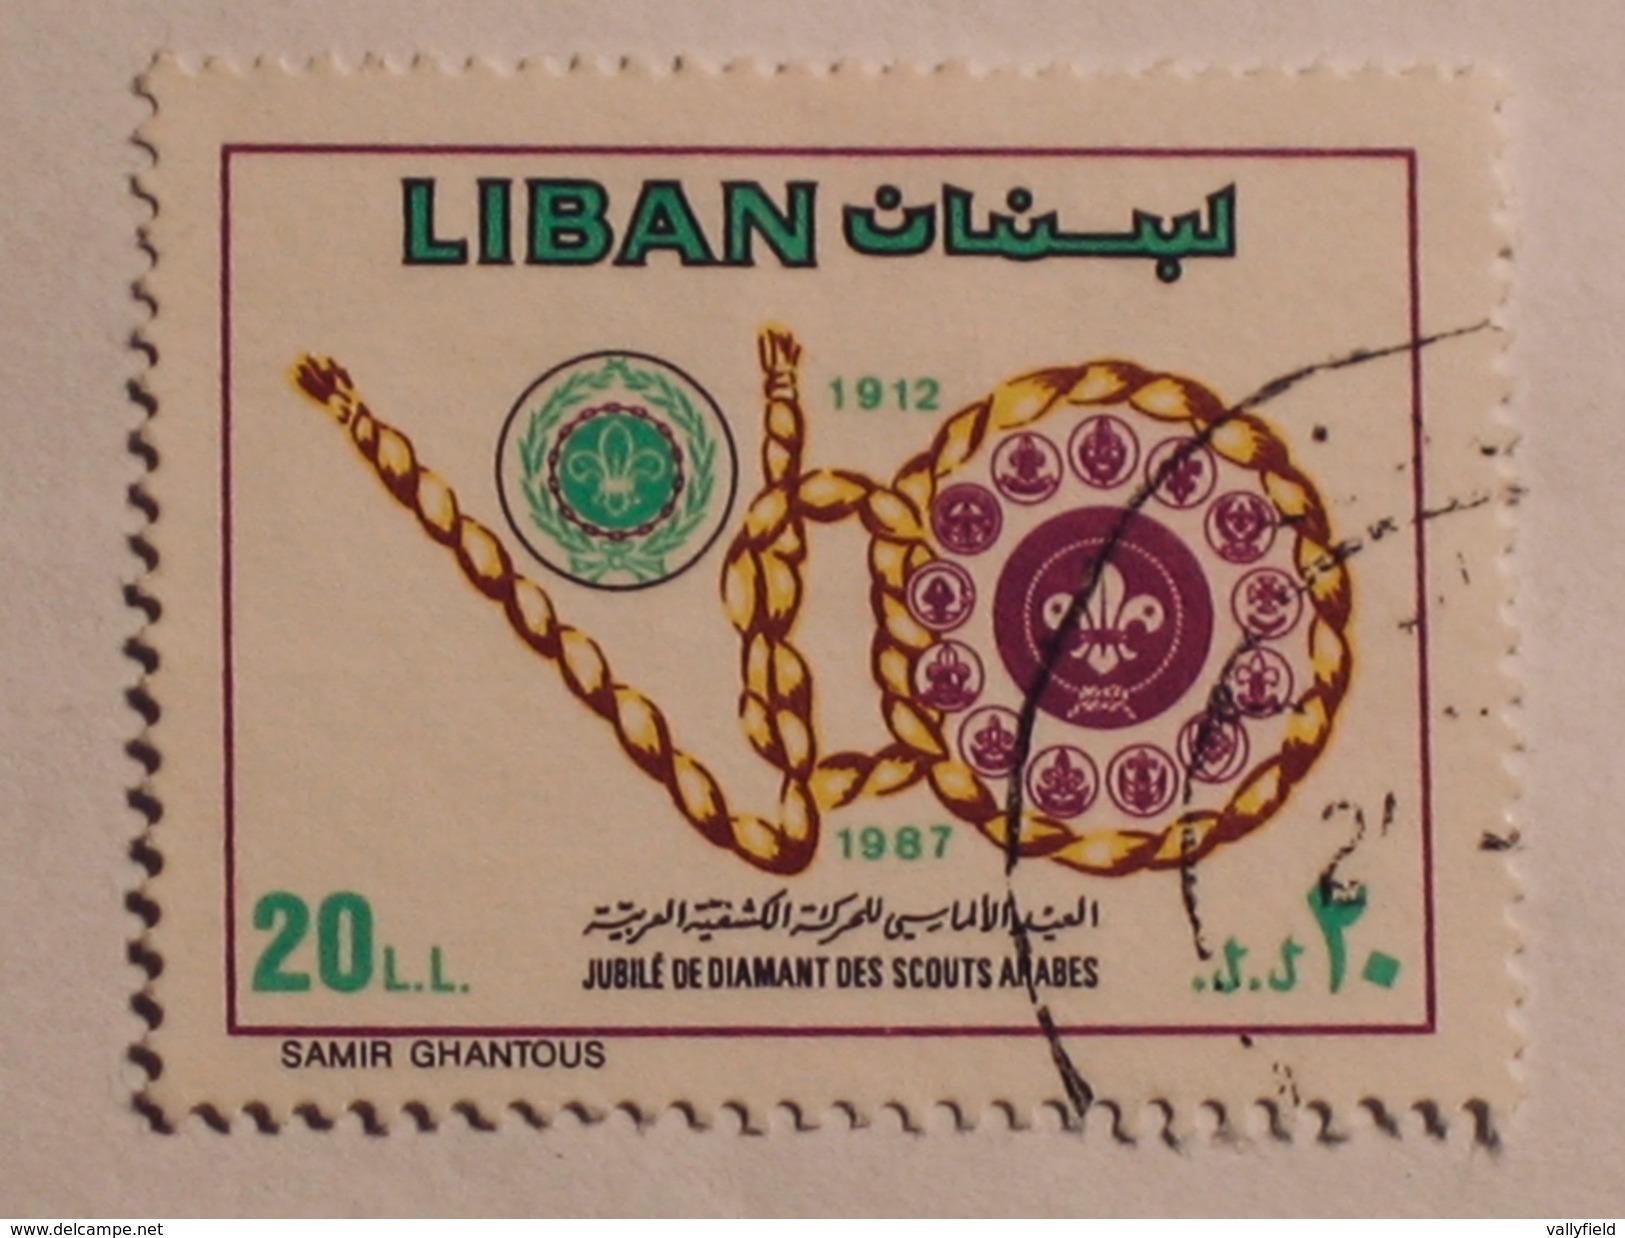 LIBAN  1988  Lot # 7  SCOUT - Liban